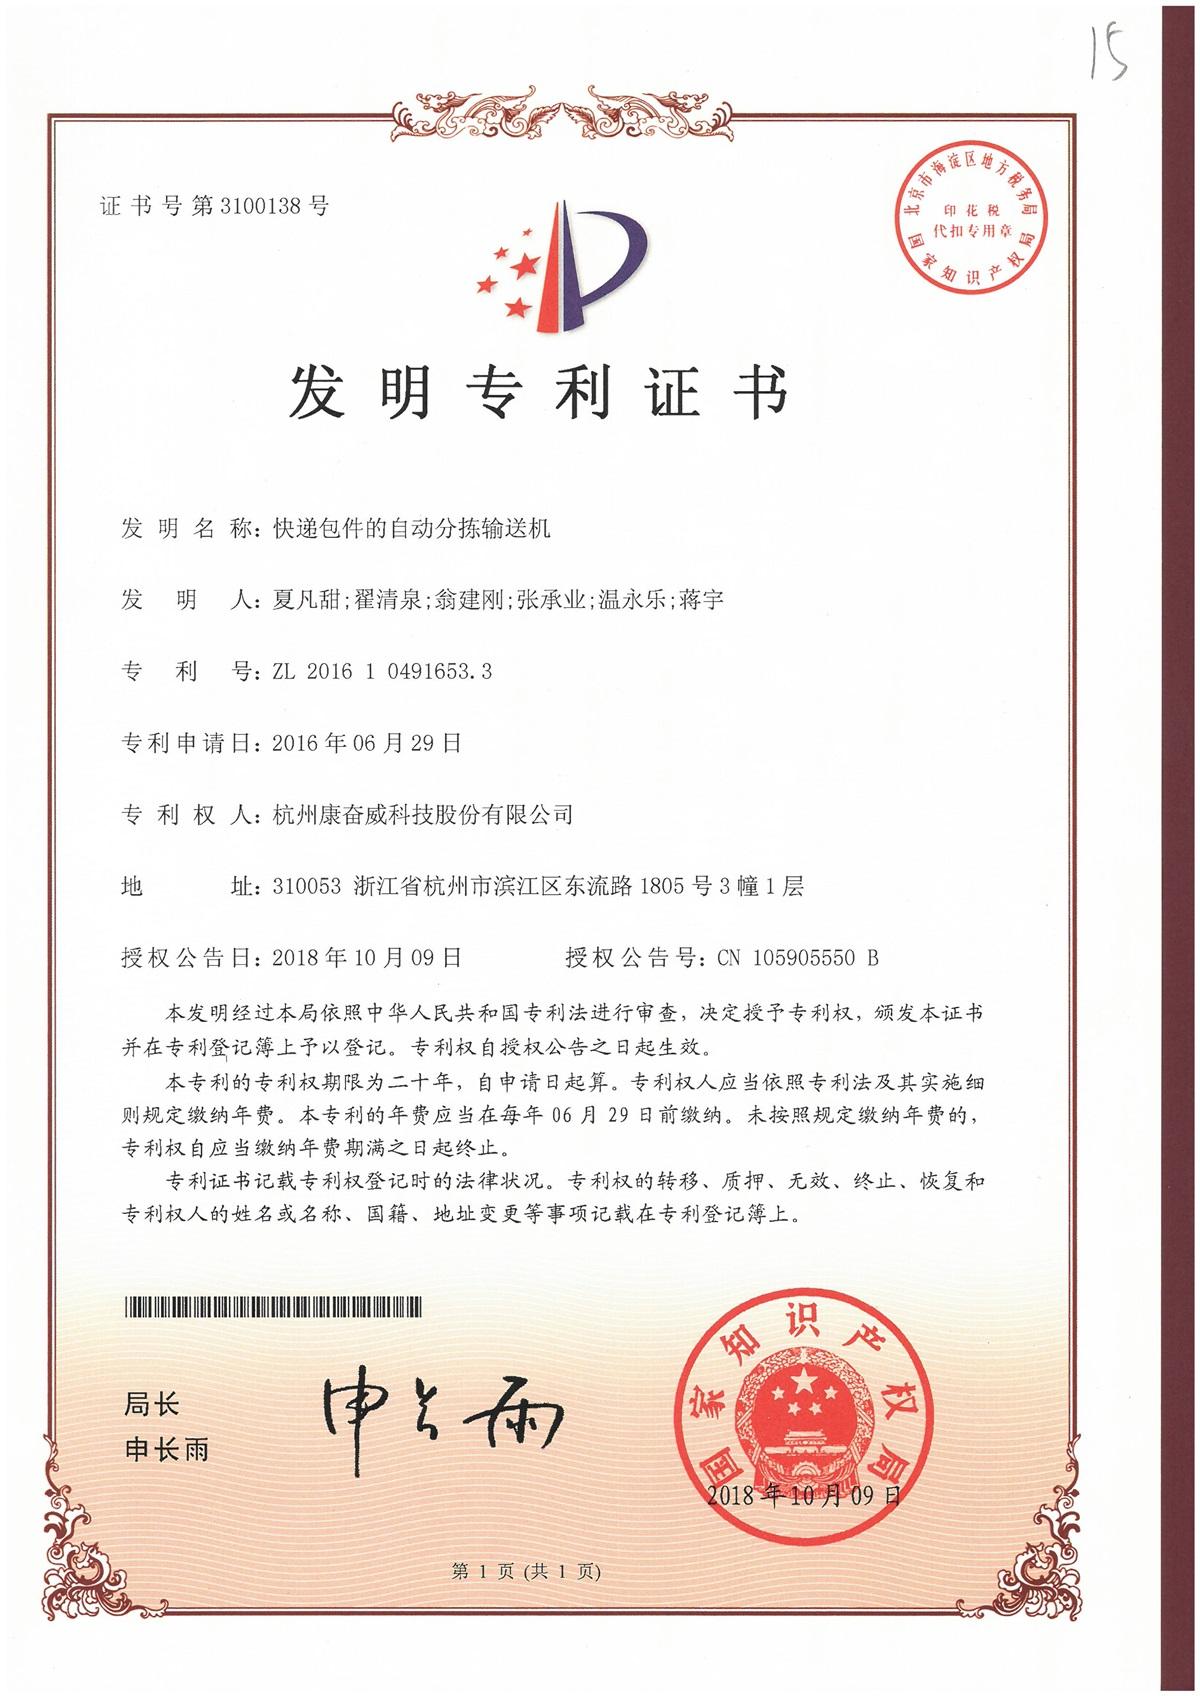 快递包件的自动乐虎国际官方网站输送机